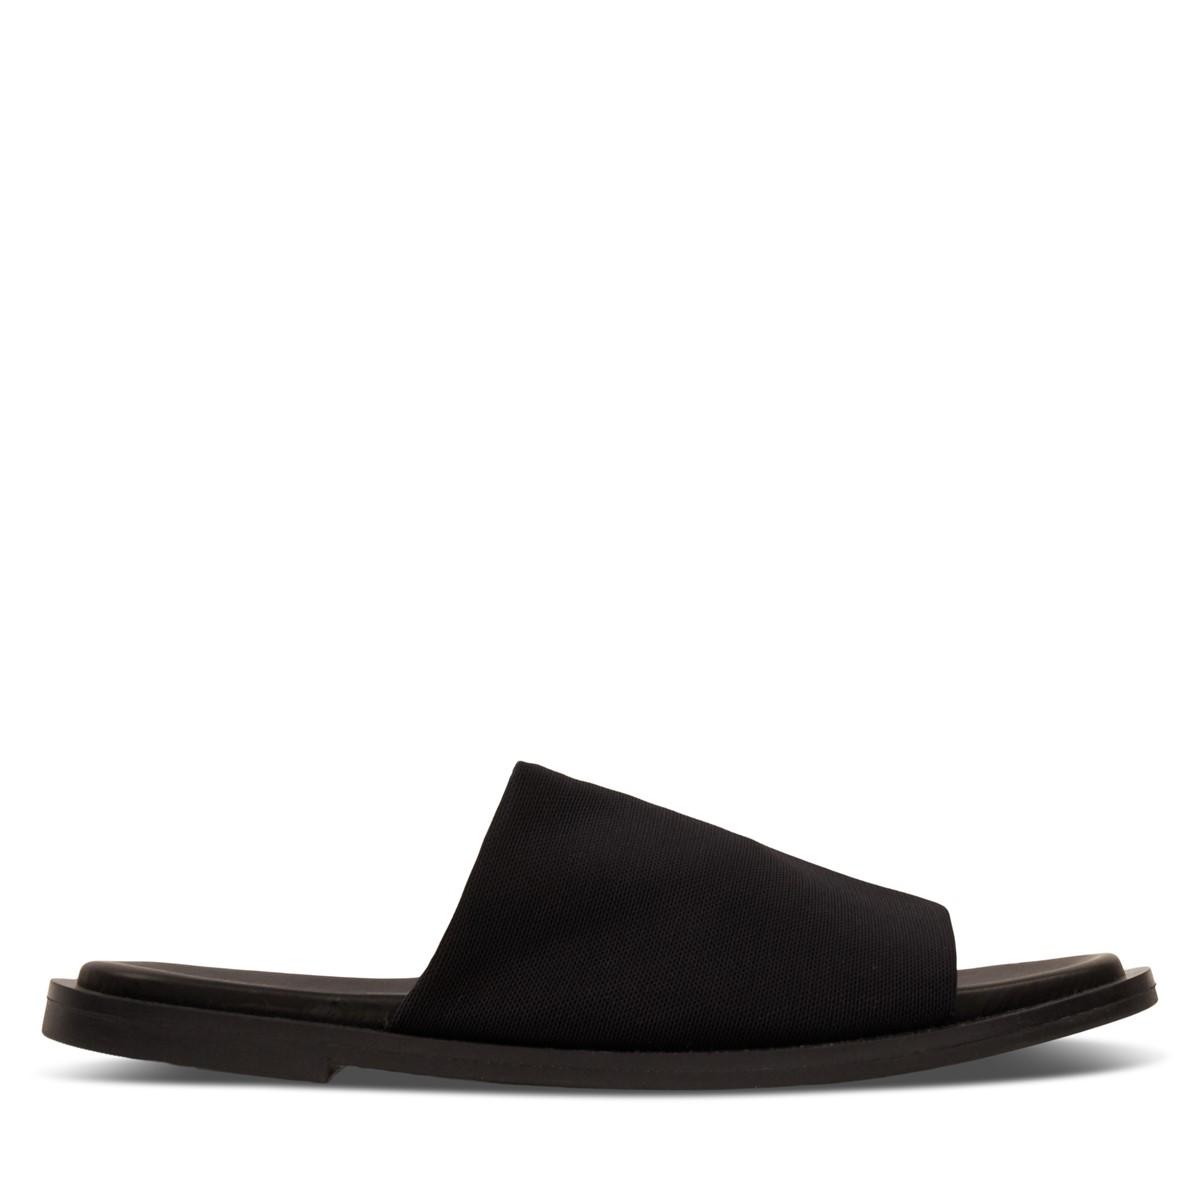 Women's Elise Slip-On Sandals in Black